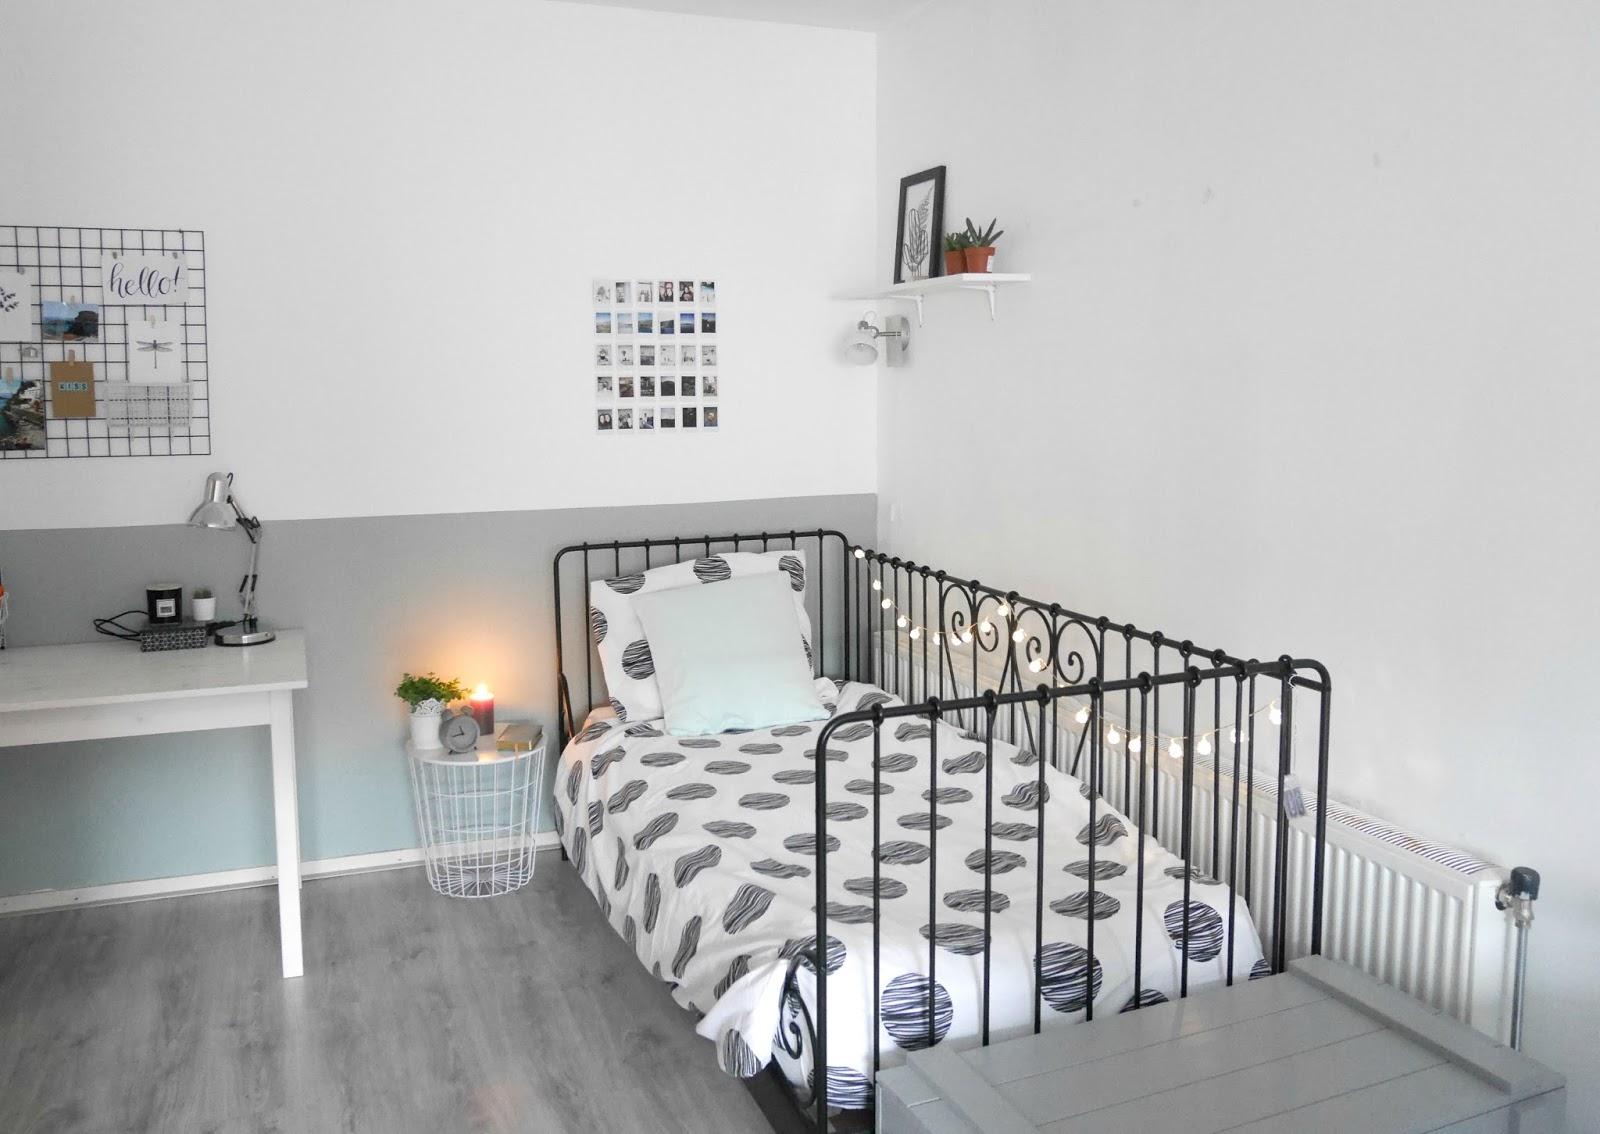 Interieur je slaapkamer een make over geven met een klein budget the budget life low budget - In een kamer ...